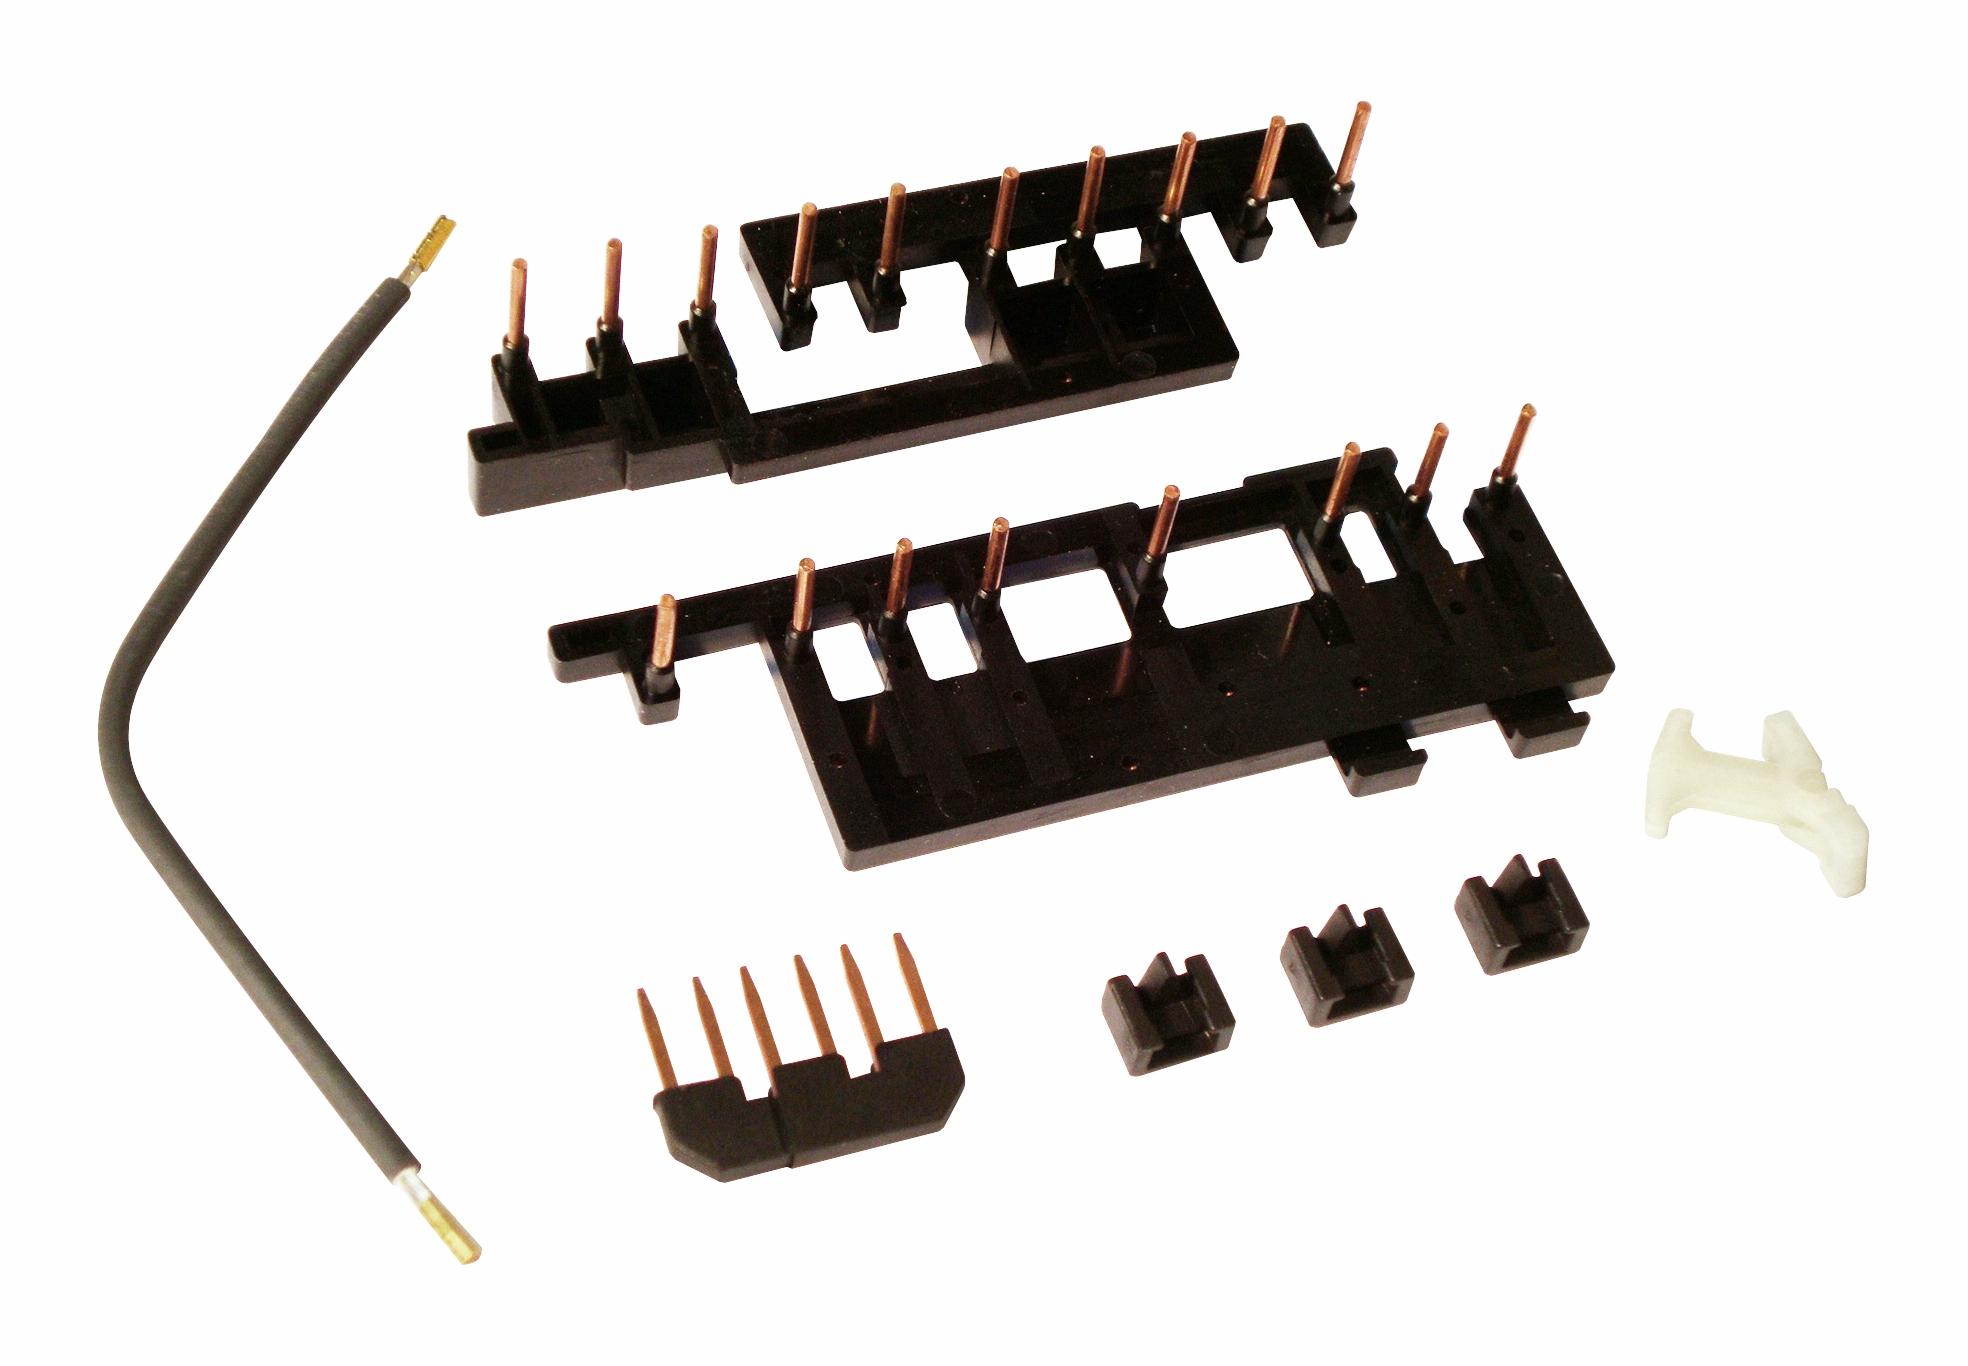 1 Stk Verdrahtung für YD-Starter 00, mechanische Verriegelung LSZDY001--